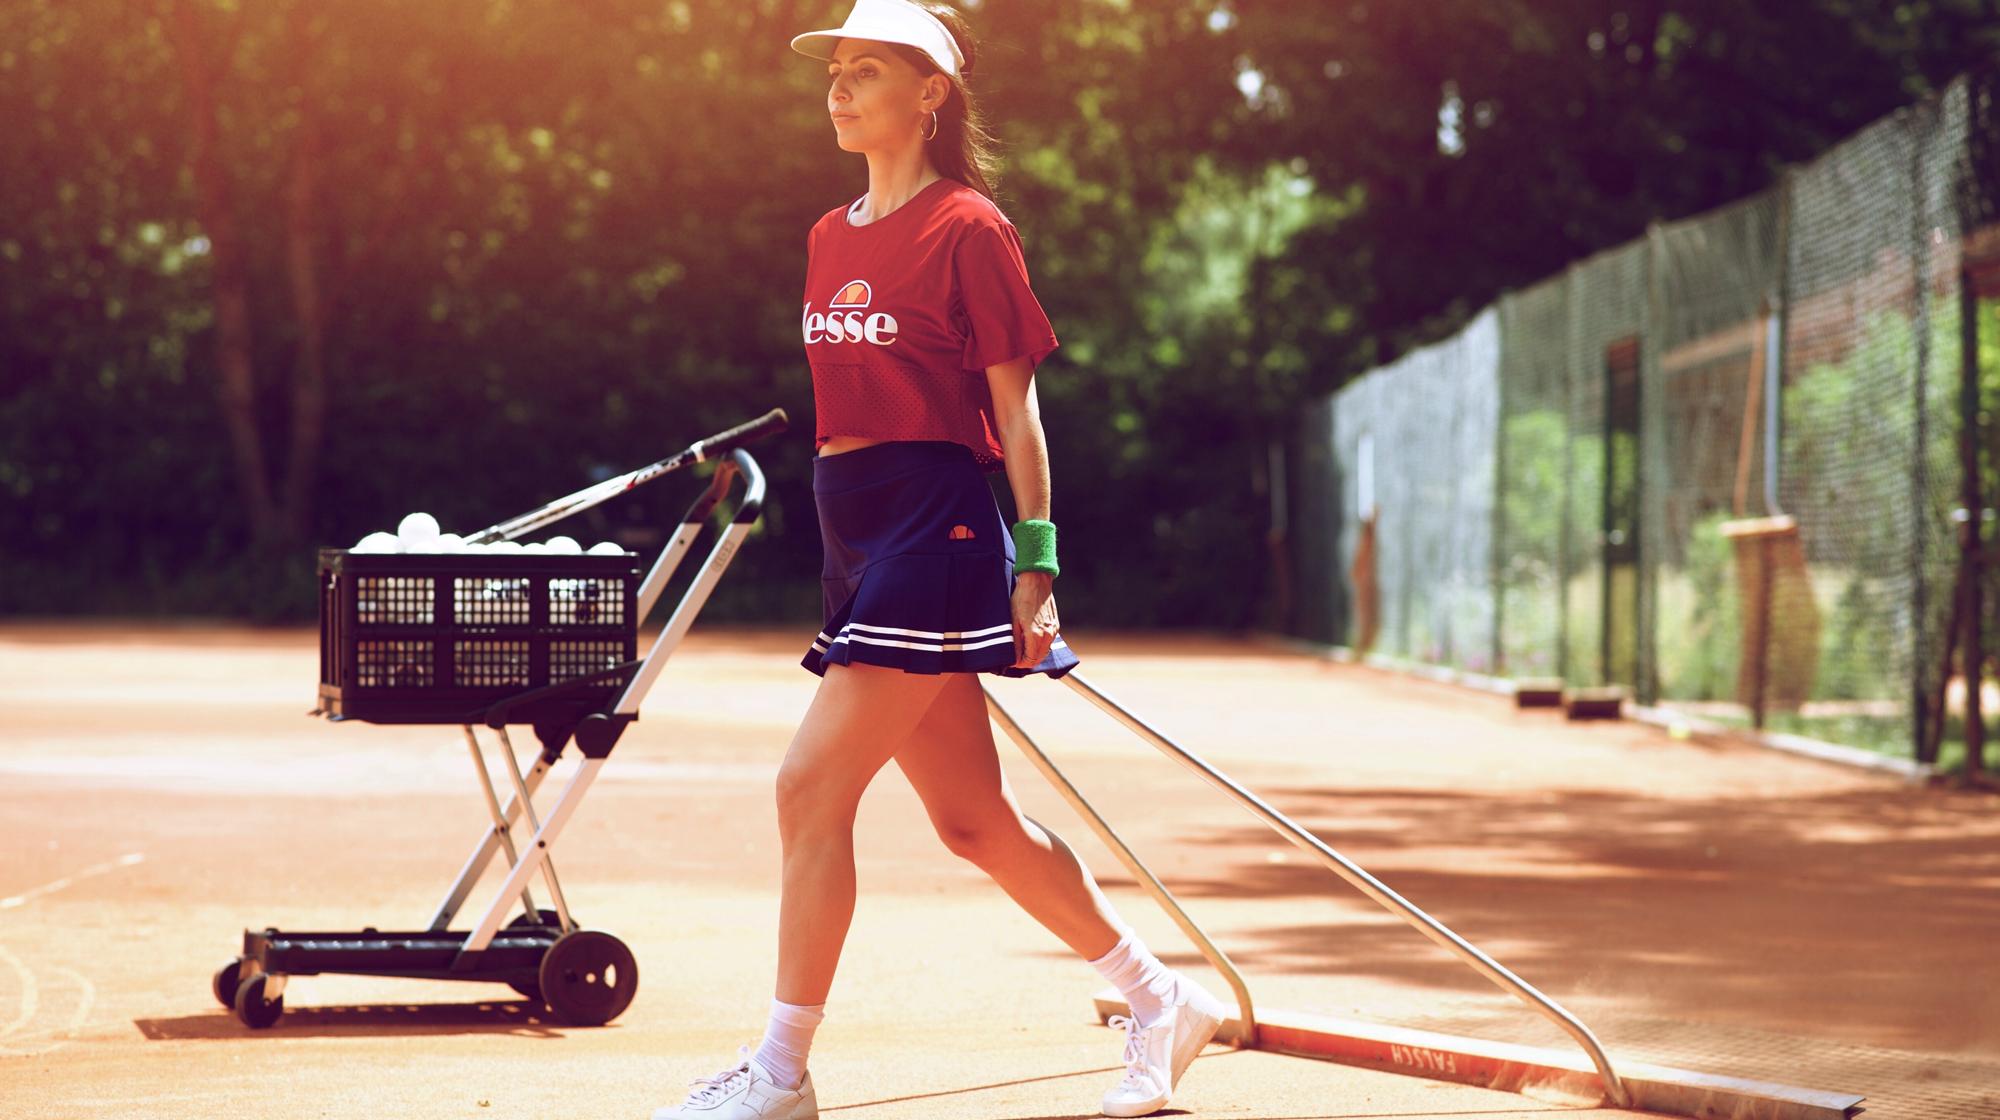 clax_tennis_03